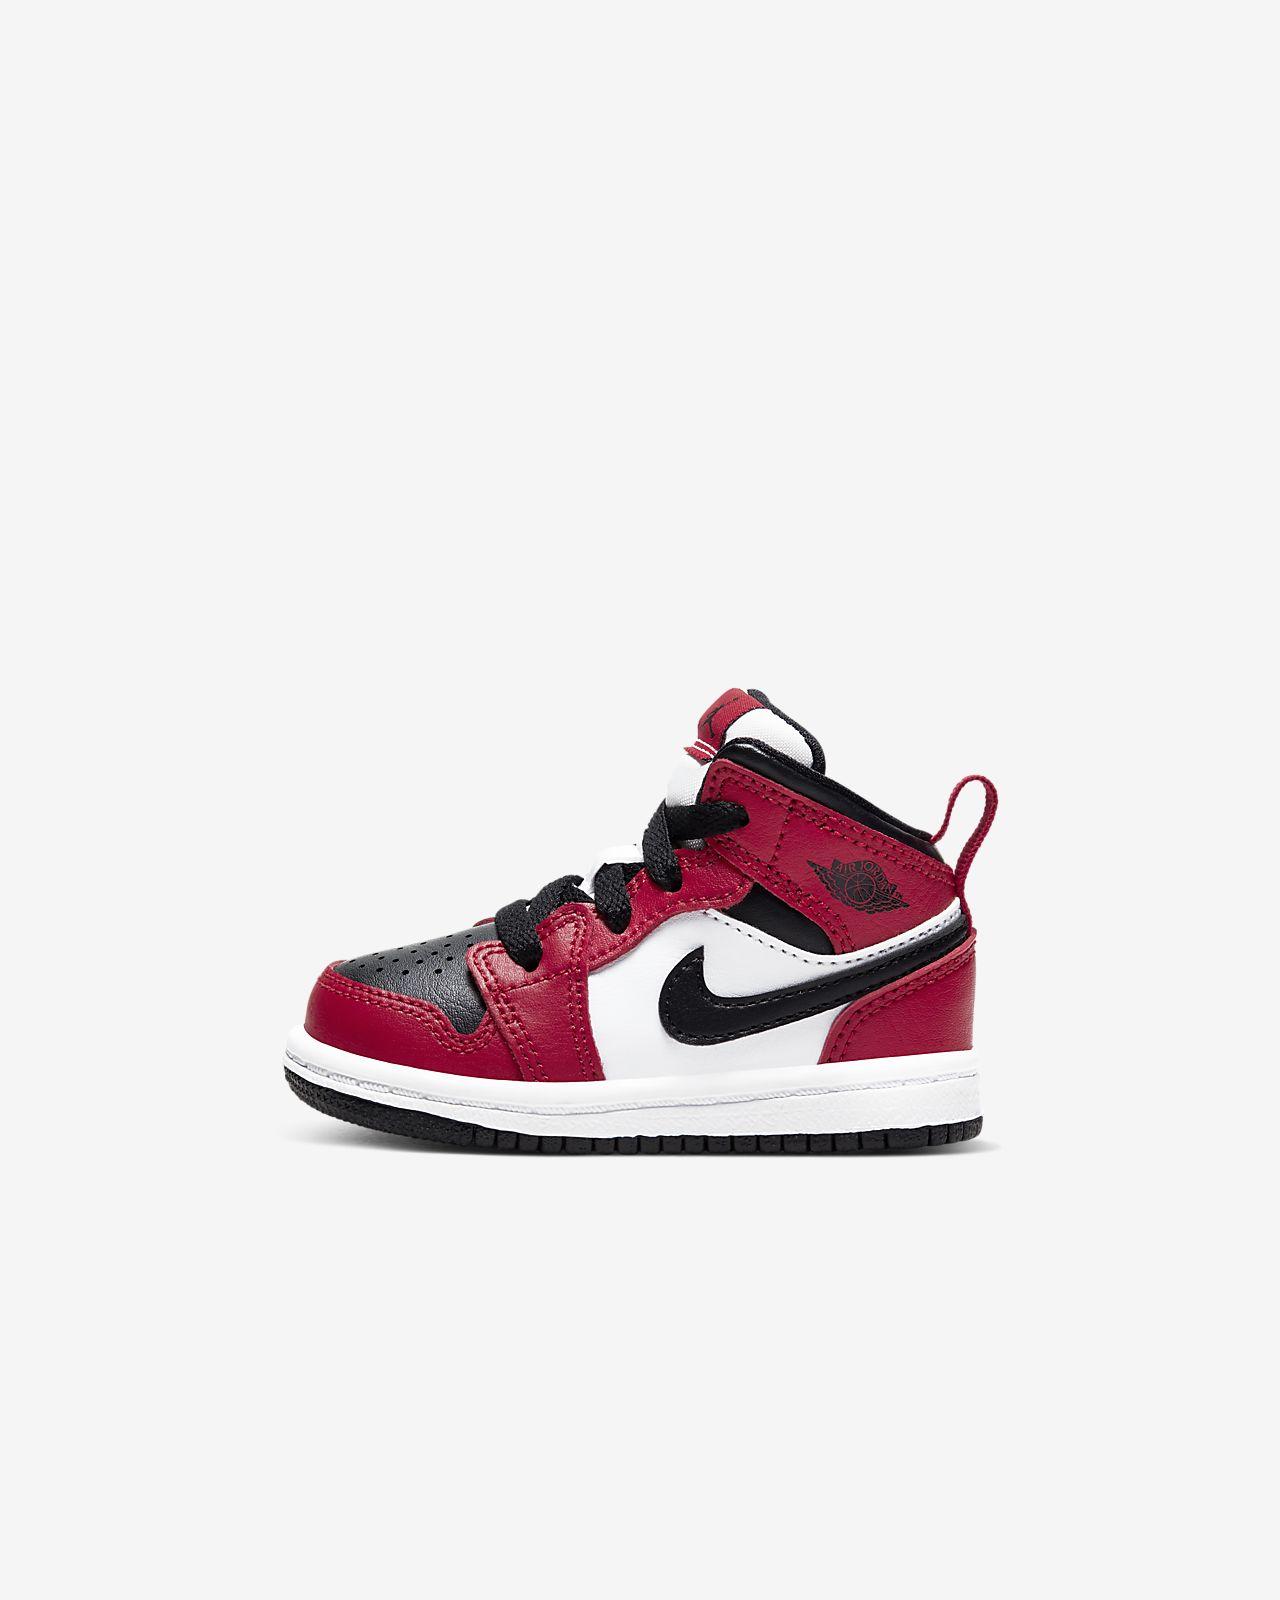 Jordan 1 Mid Schoen voor baby's/peuters